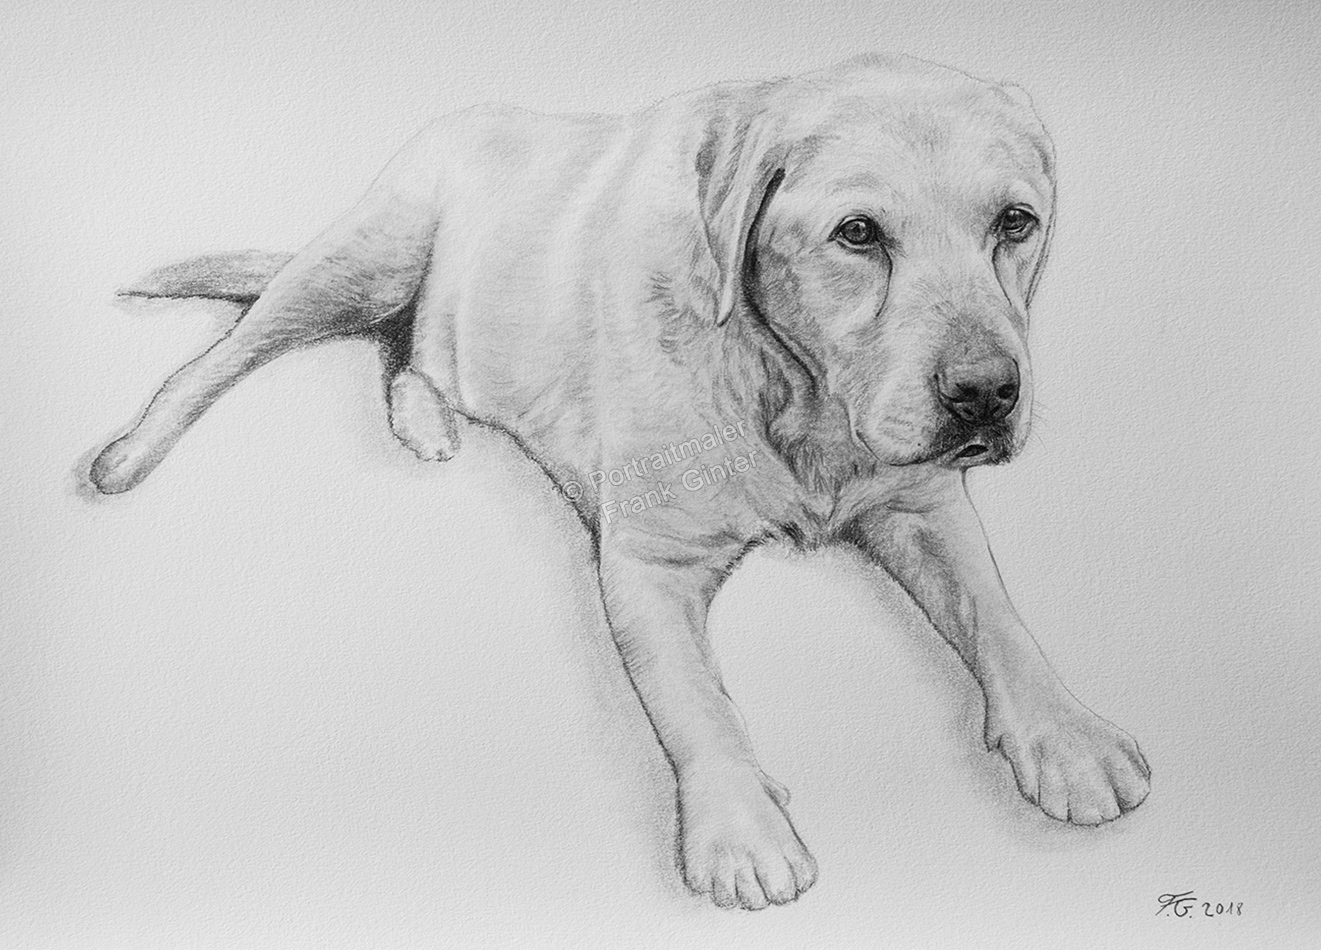 Bleistiftzeichnungen, Tierportraits Hunde, Bleistiftzeichnung Hund, Tierzeichnungen, Hunde Zeichner Bleistift